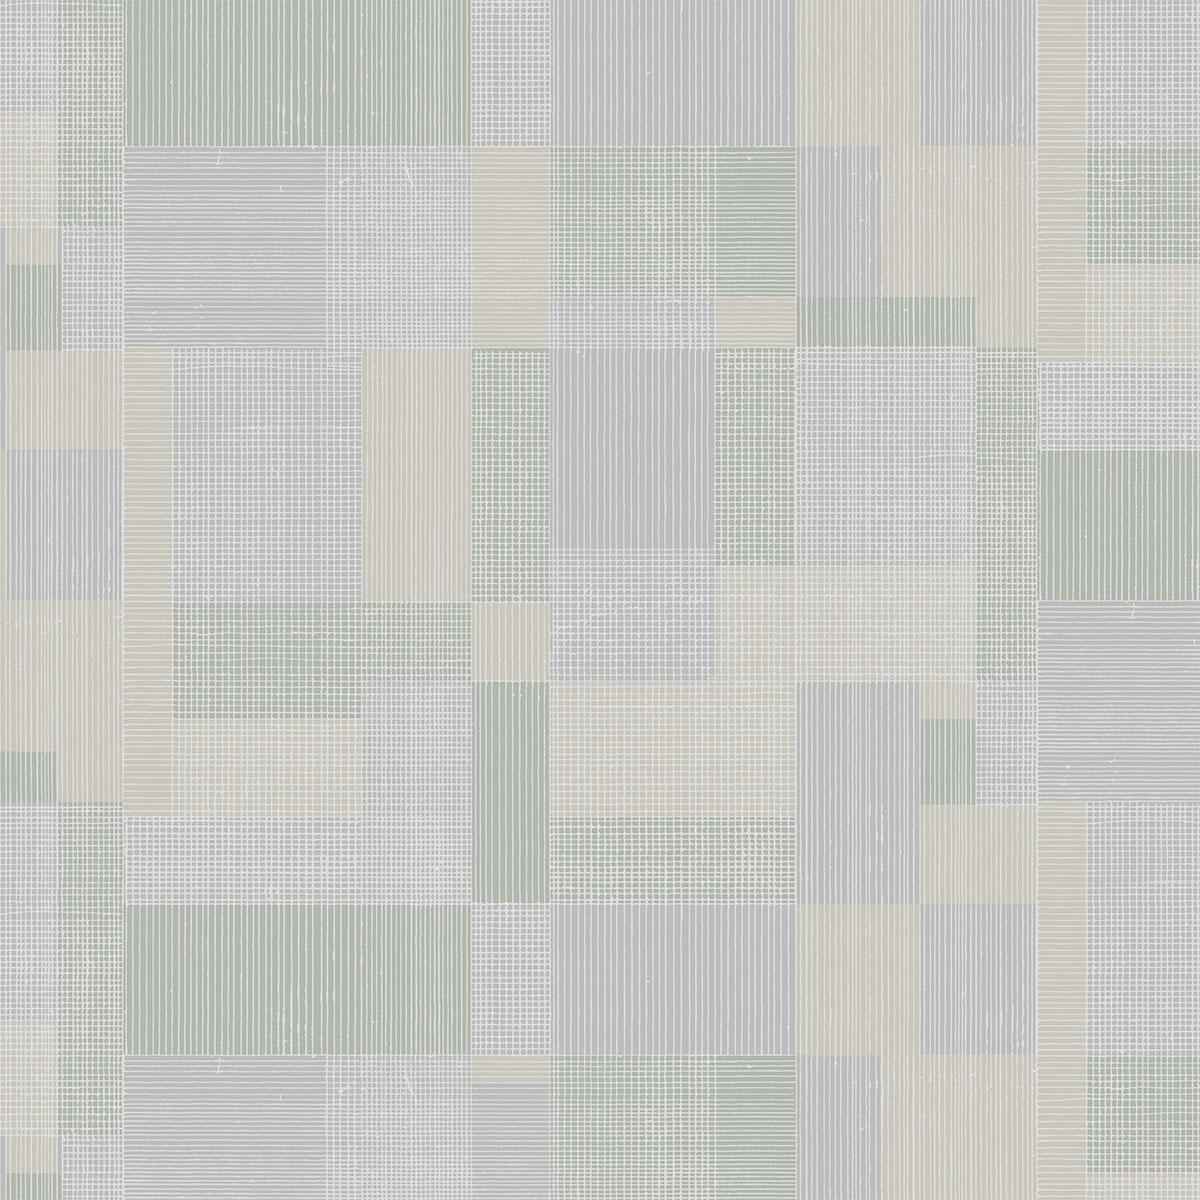 Обои акриловые на бумажной основе Алеа серо-салатовый 33712